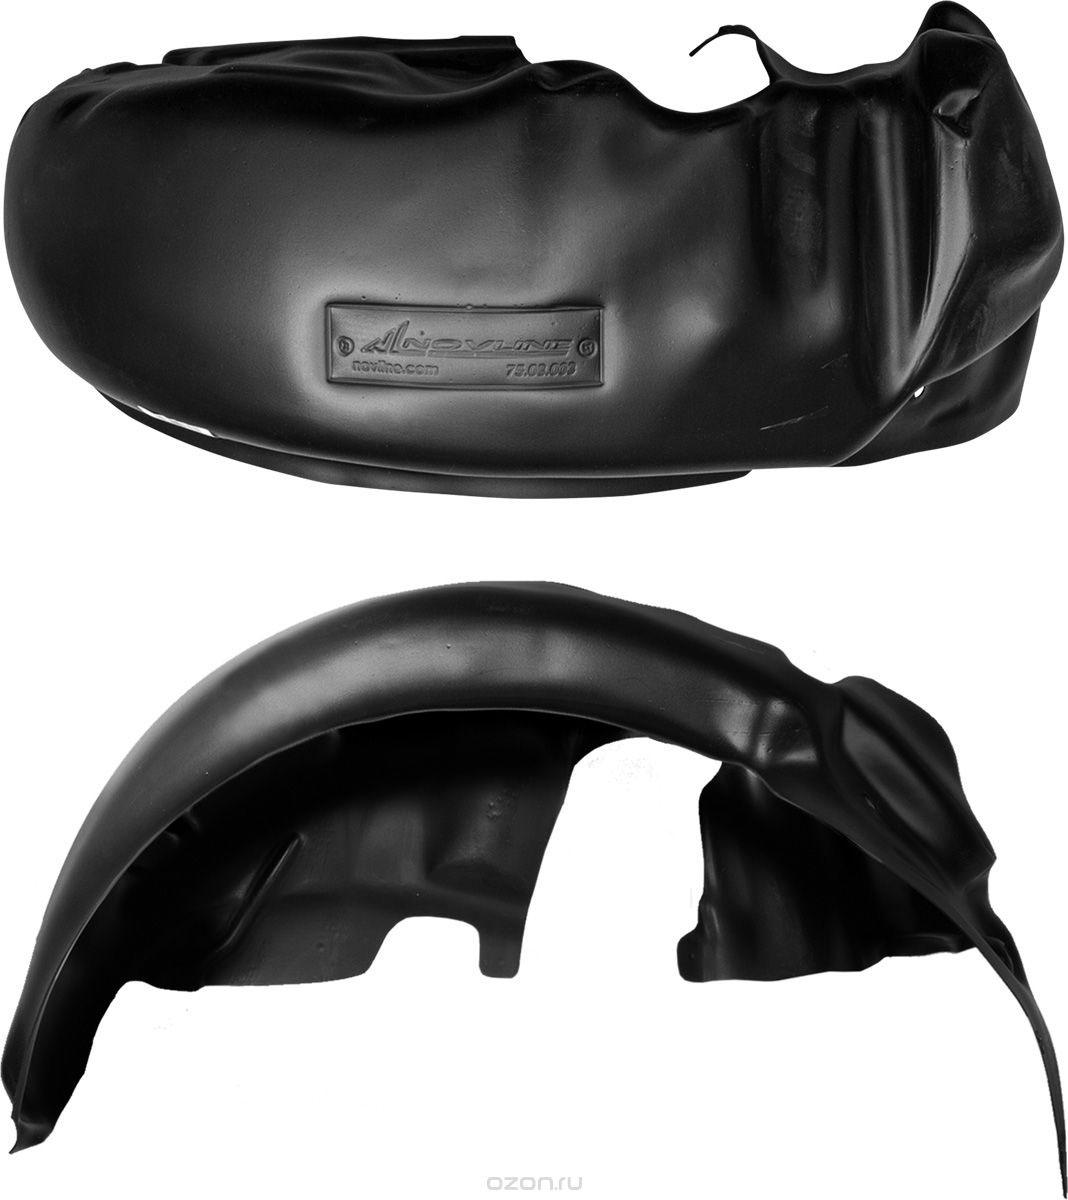 Подкрылок Novline-Autofamily, для TOYOTA Hilux, 09/2015->, пик., задний правыйNLL.48.62.004Идеальная защита колесной ниши. Локеры разработаны с применением цифровых технологий, гарантируют максимальную повторяемость поверхности арки. Изделия устанавливаются без нарушения лакокрасочного покрытия автомобиля, каждый подкрылок комплектуется крепежом. Уважаемые клиенты, обращаем ваше внимание, что фотографии на подкрылки универсальные и не отражают реальную форму изделия. При этом само изделие идет точно под размер указанного автомобиля.